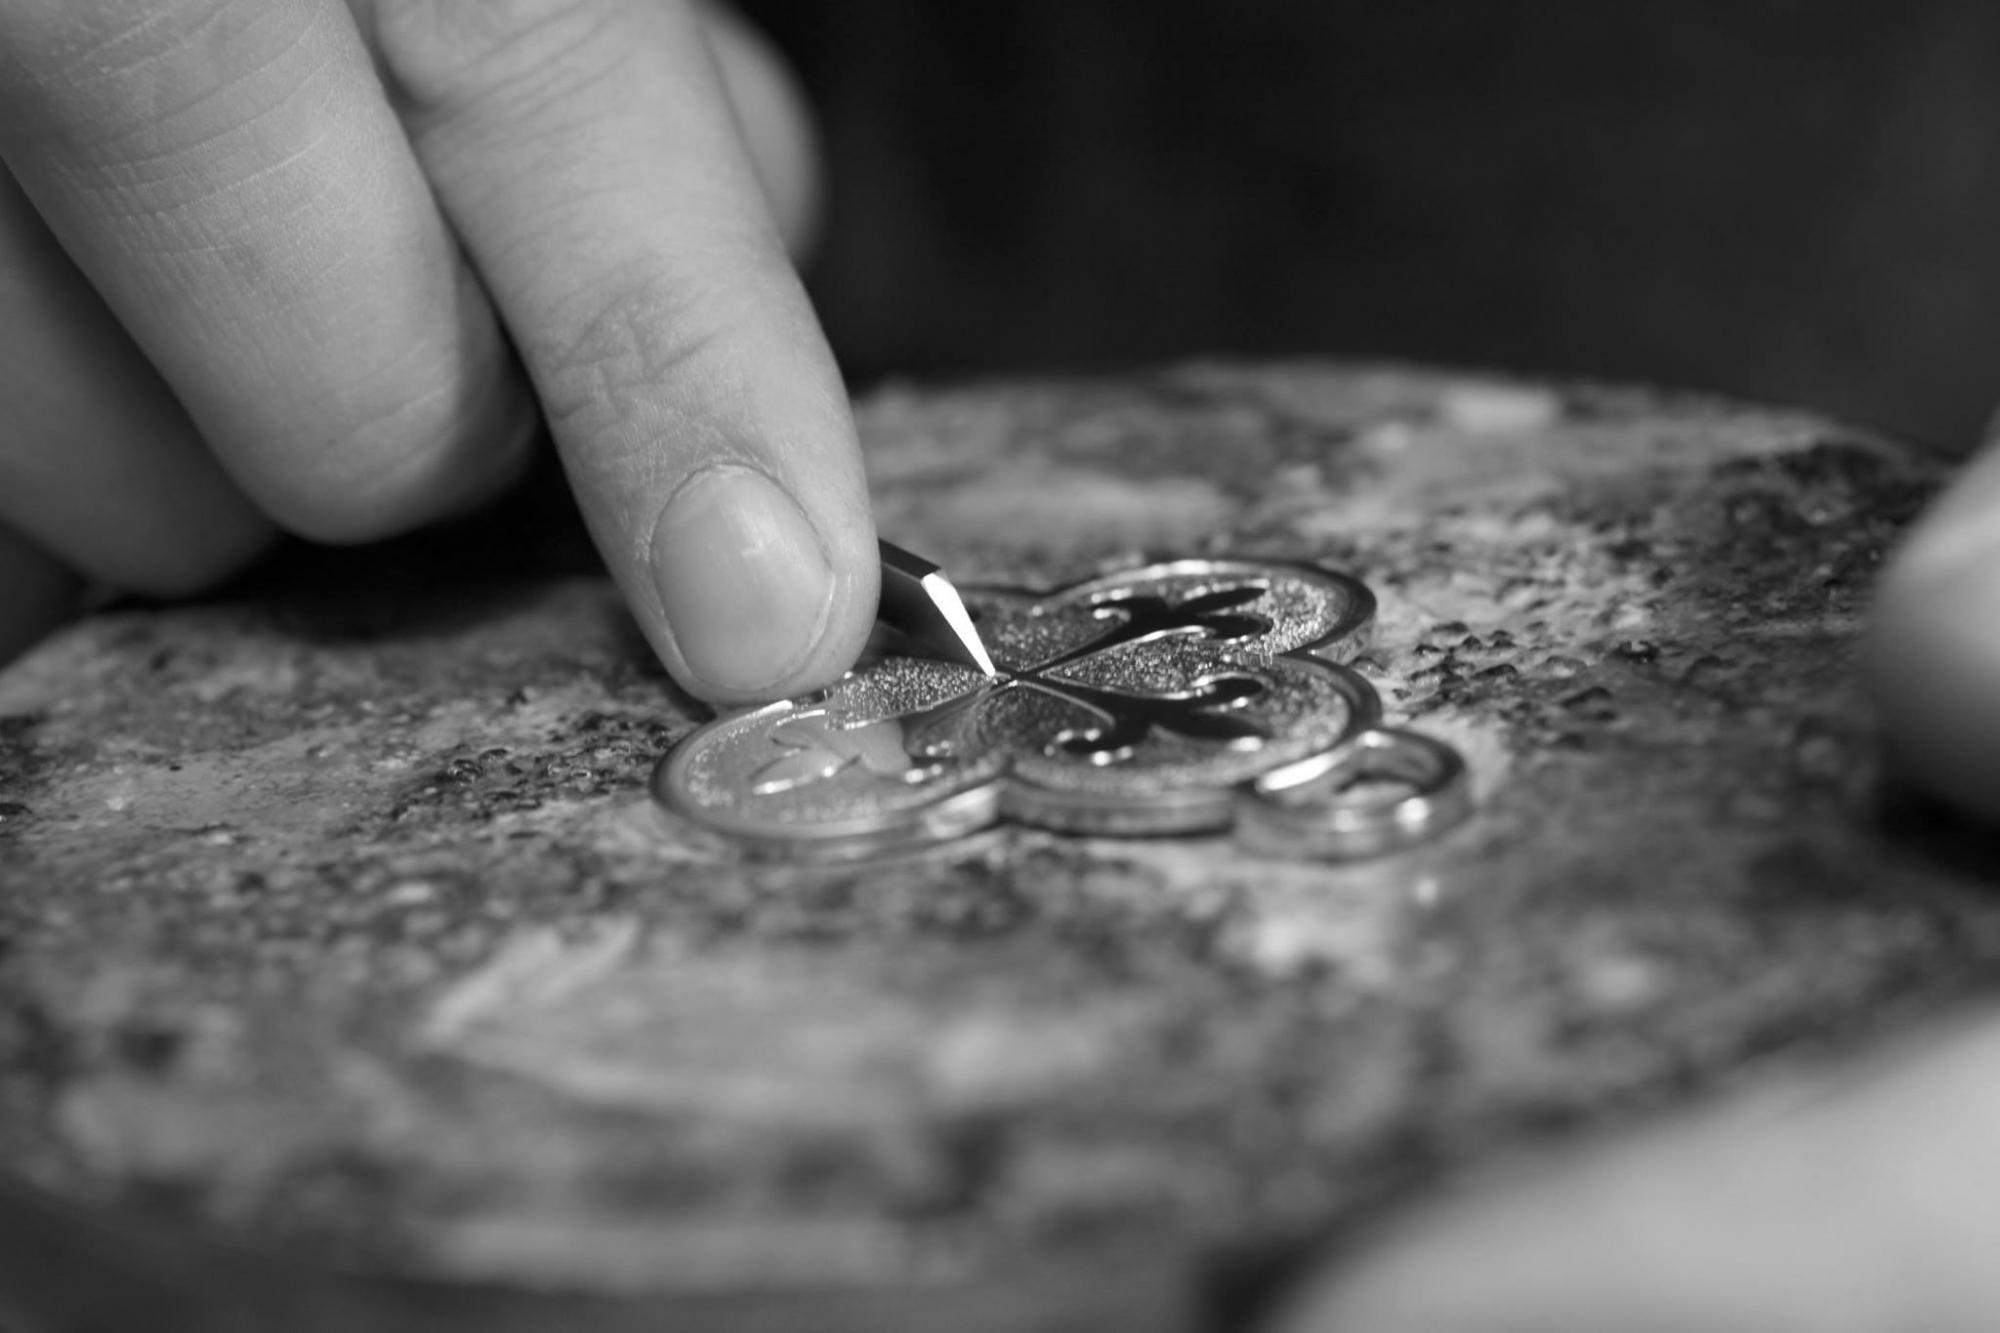 Les tailleurs d'images - taille d'image croix bijou